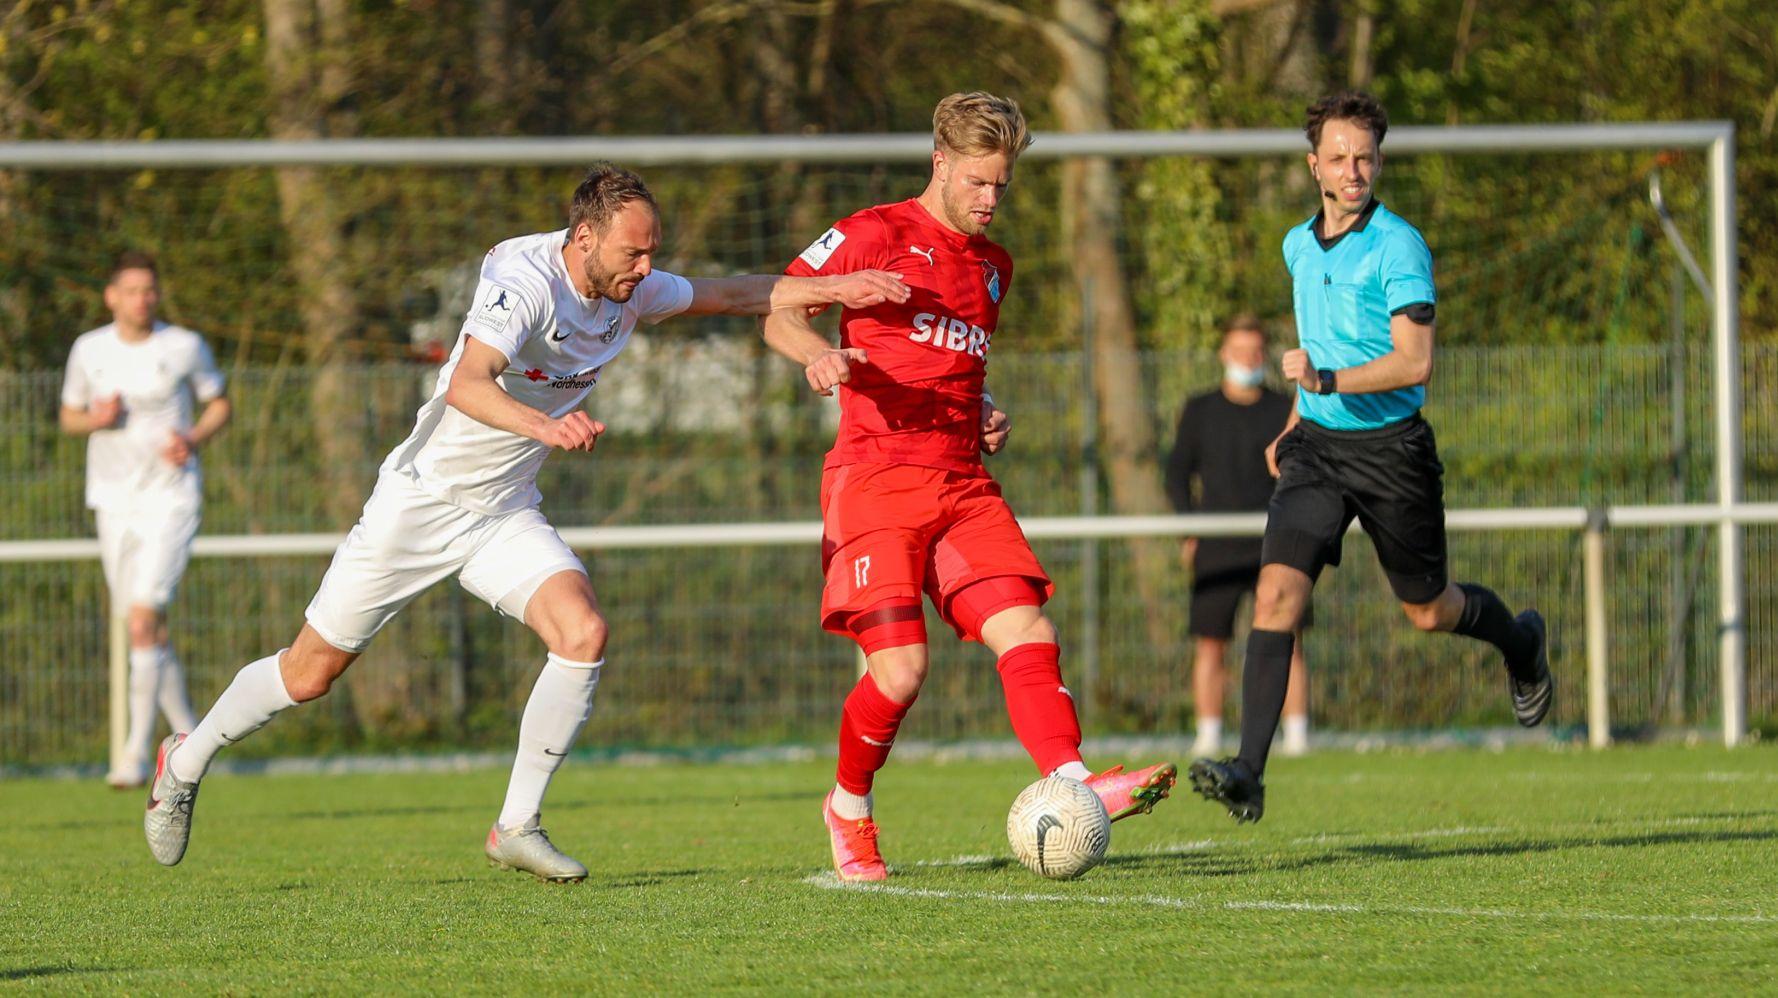 Sascha Marquet TSV Steinbach Haiger KSV Hessen Kassel Björn Franz